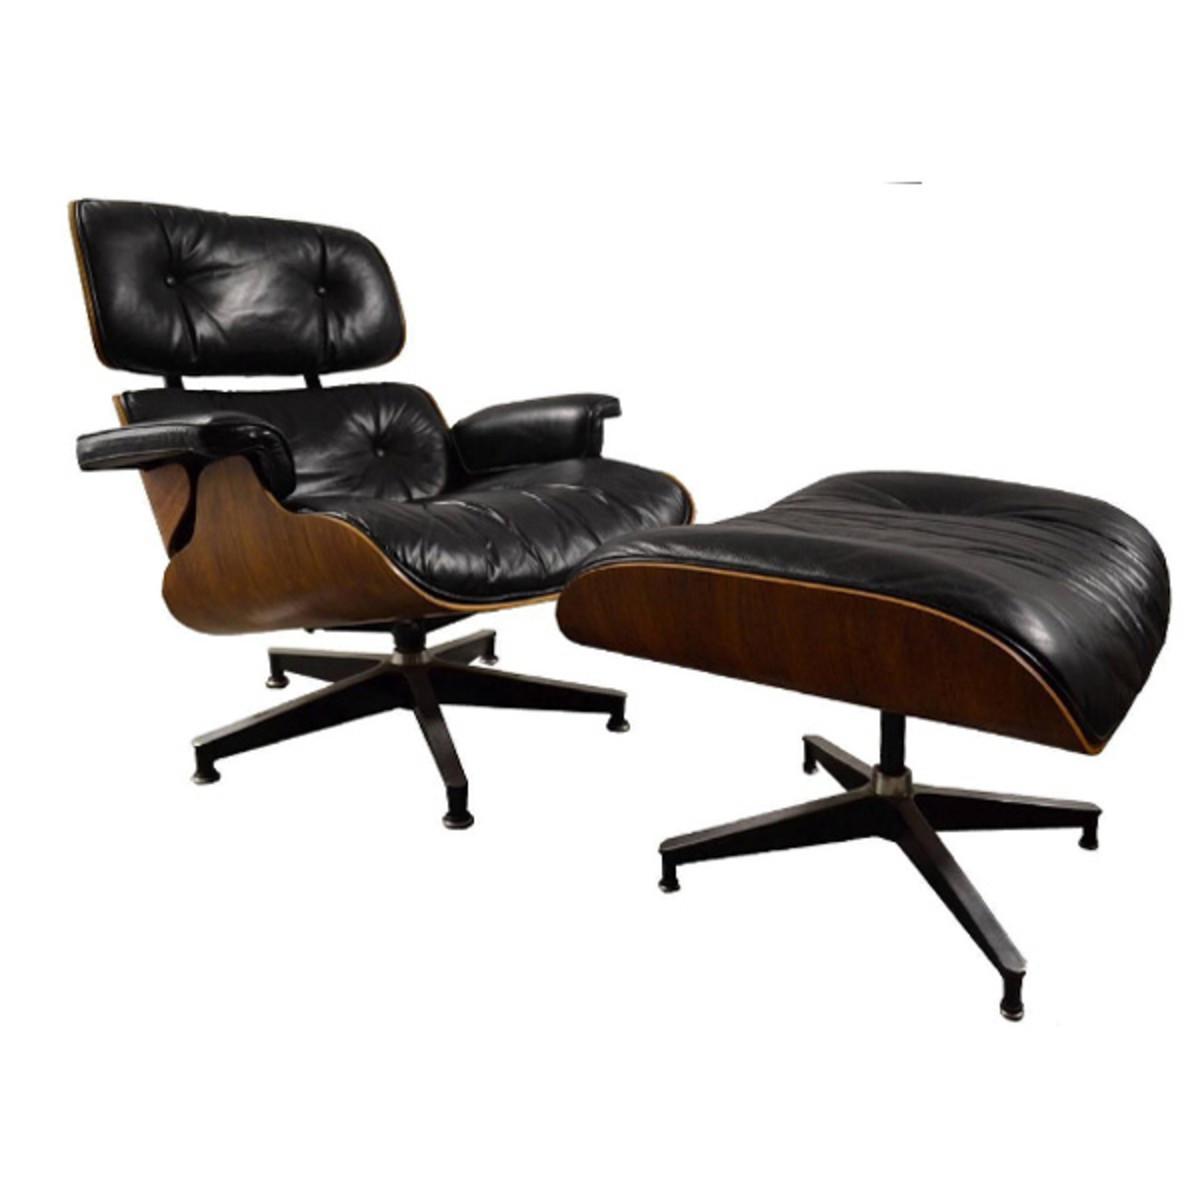 Vintage-Eames-Lounge-Chair-Ottoman-TRNK